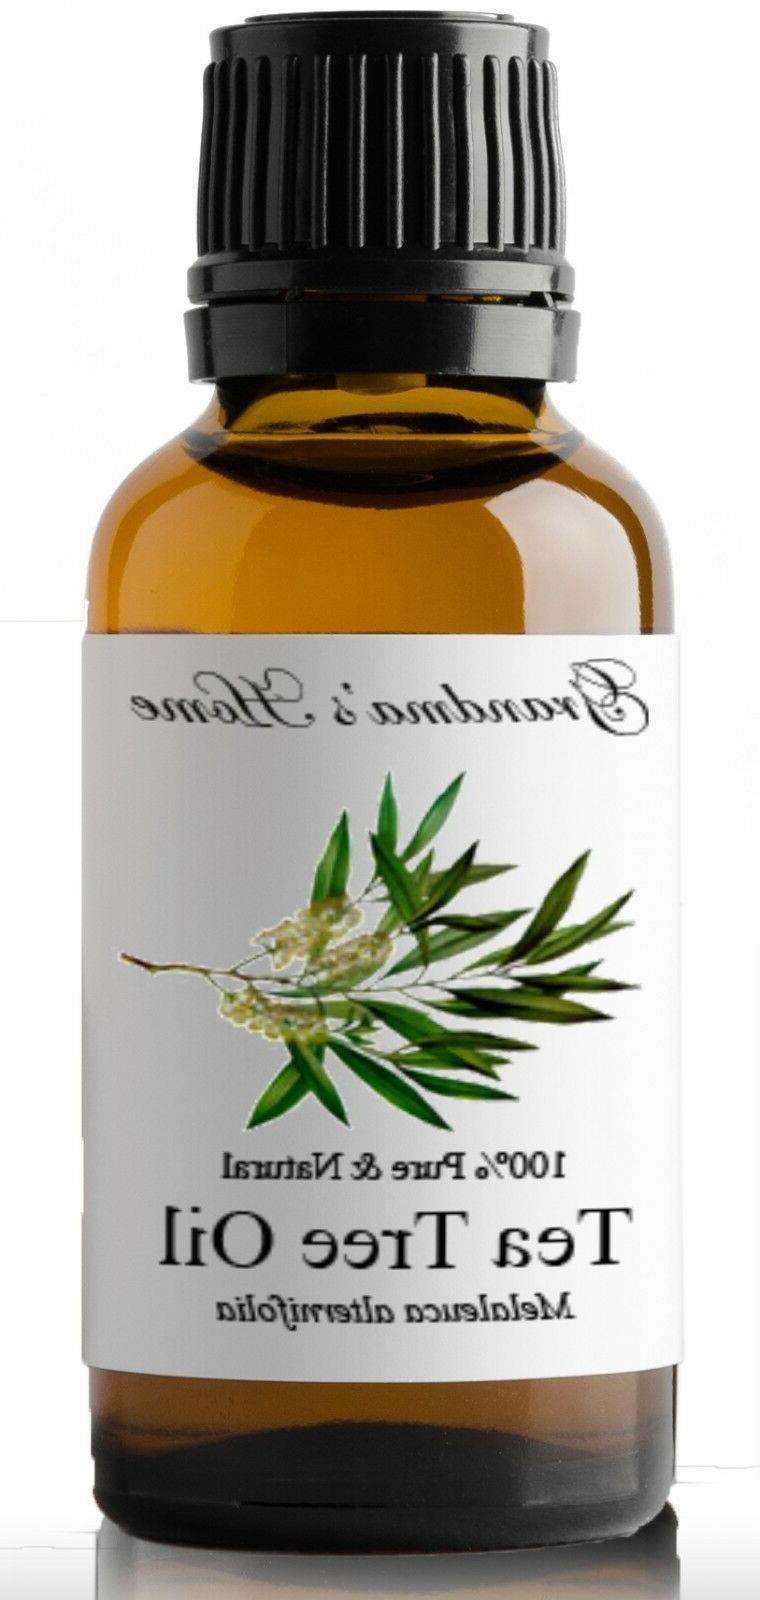 Grandma's Home Essential Oils - 100% Pure Therapeutic Grade